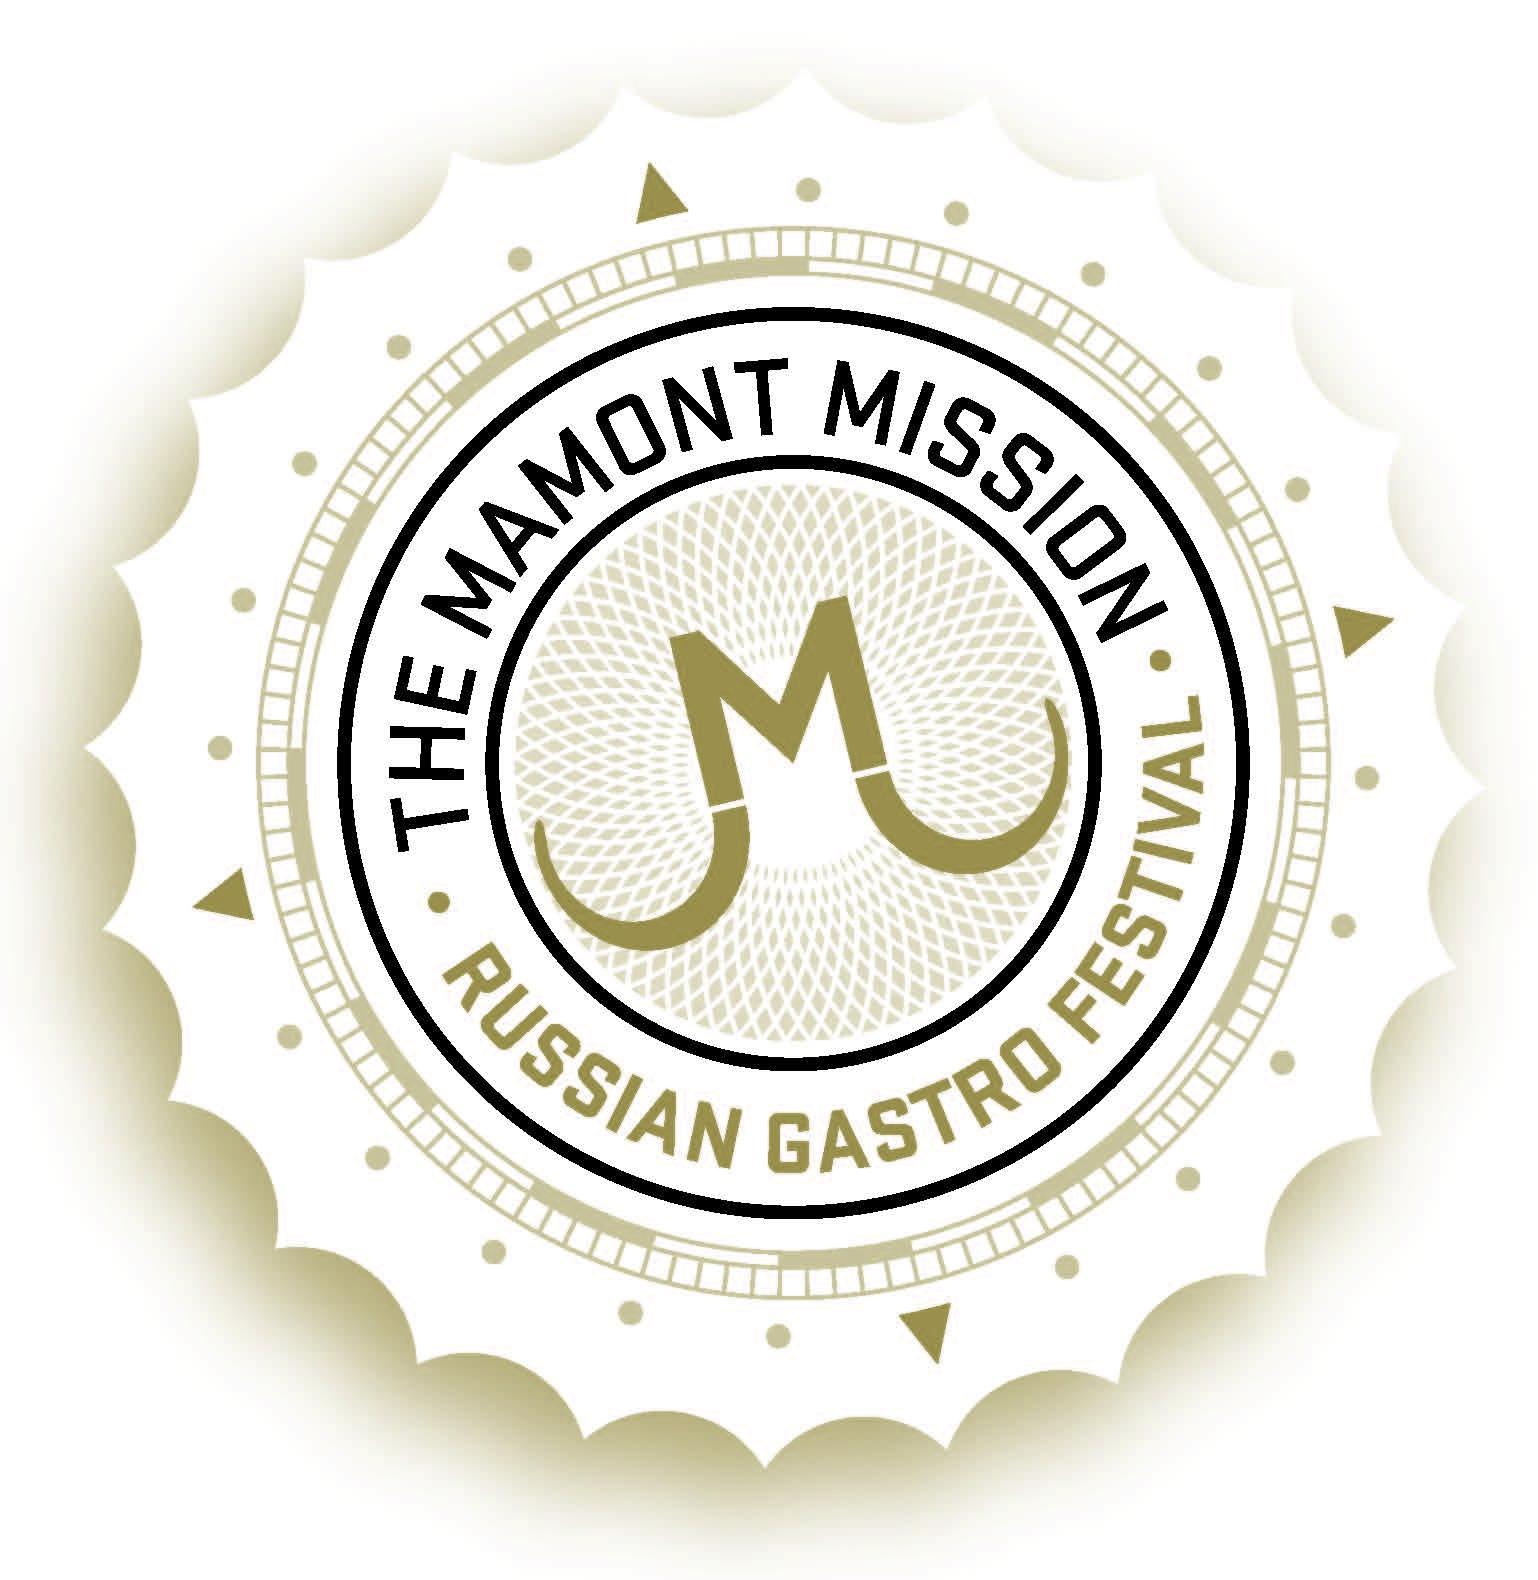 MAMONT MISSION 2017